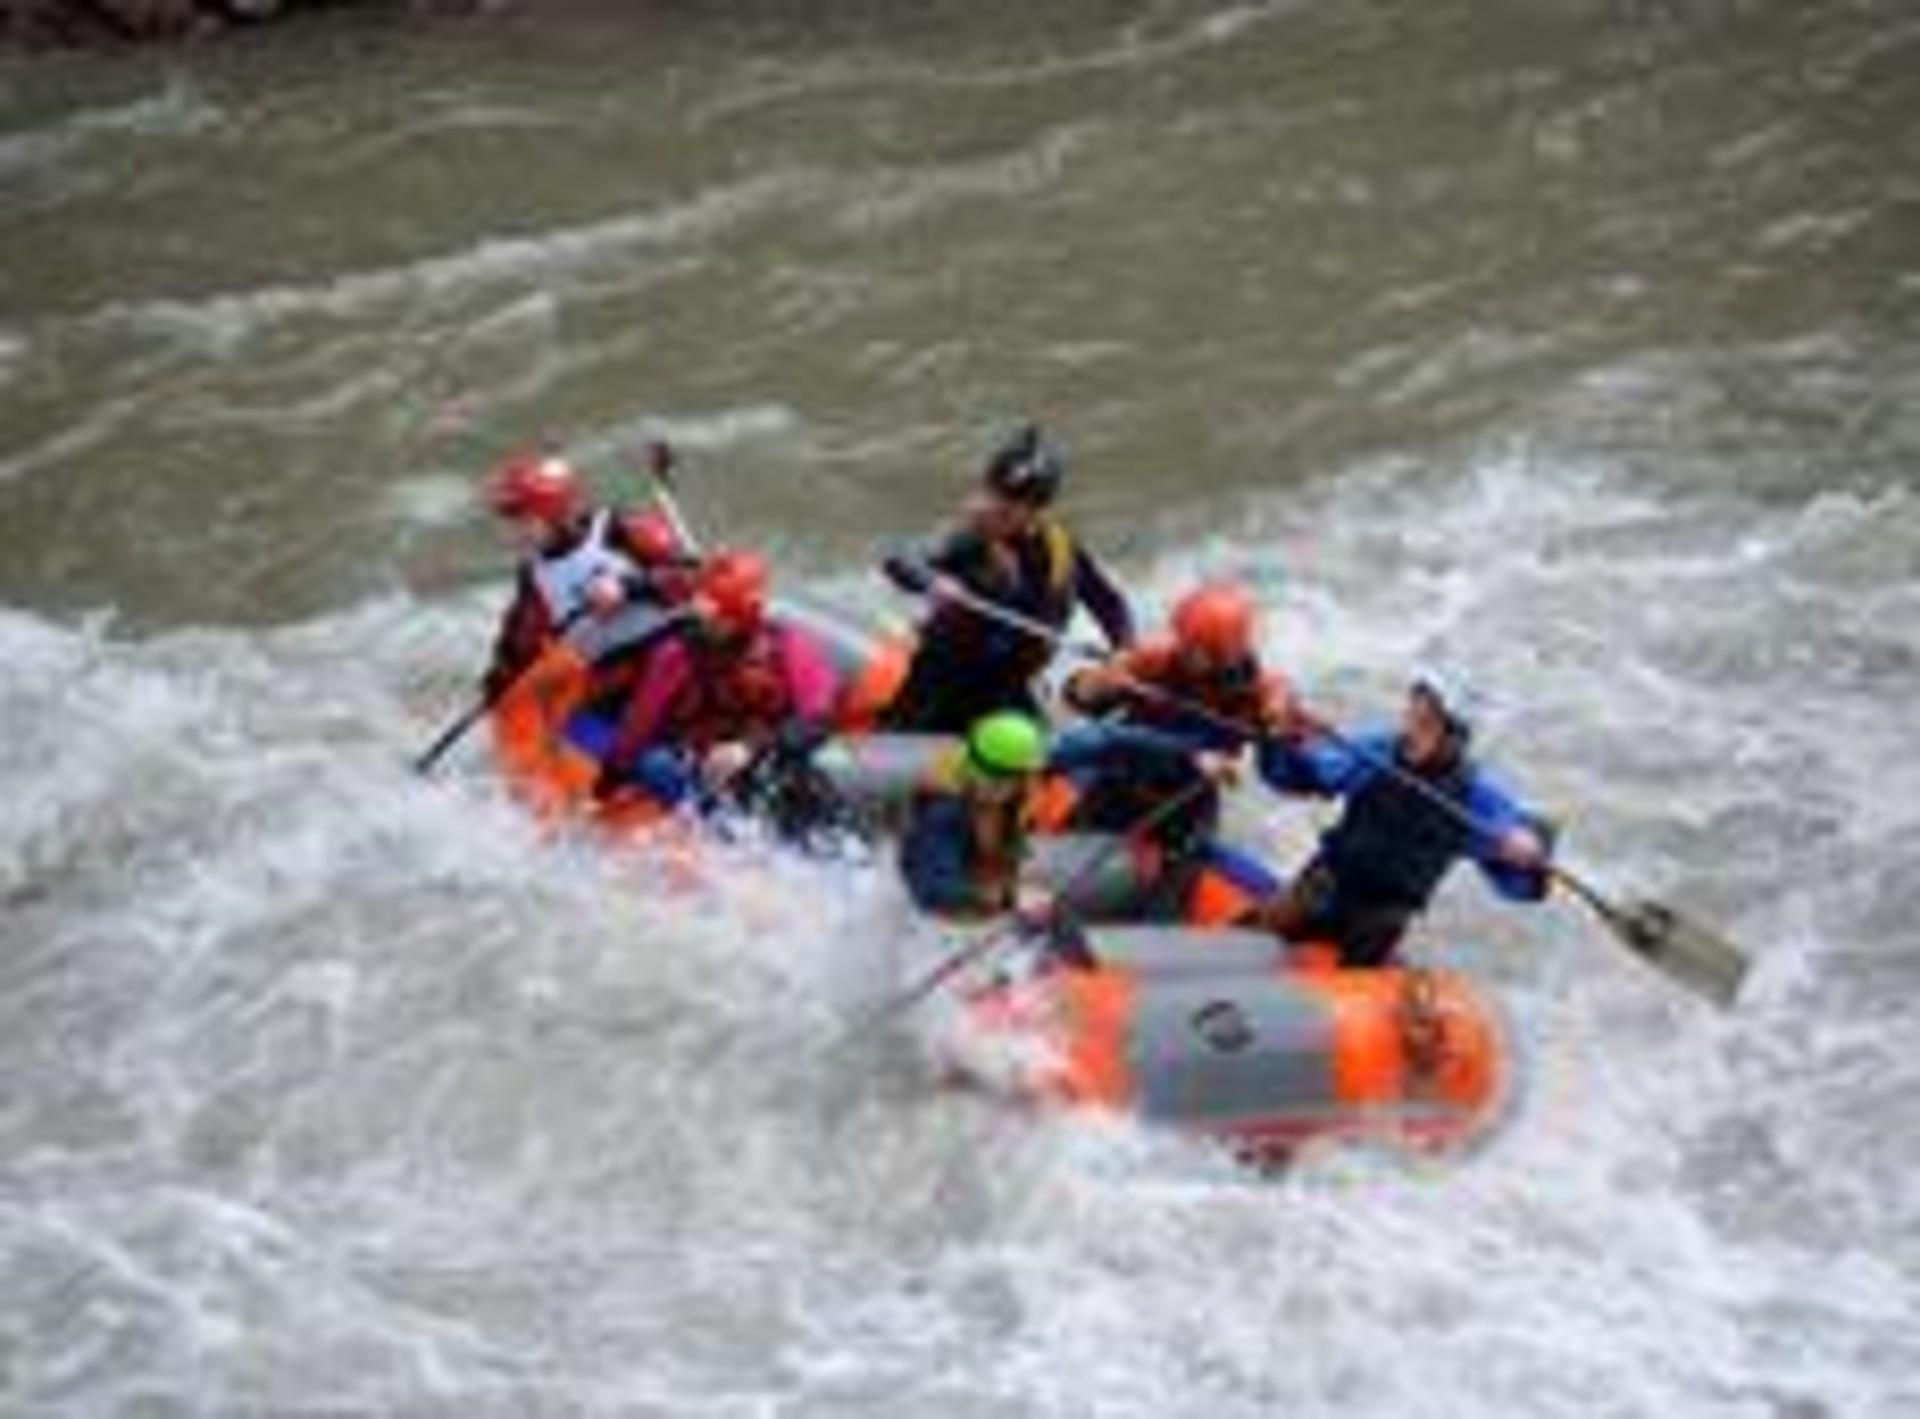 rafting_4.jpg